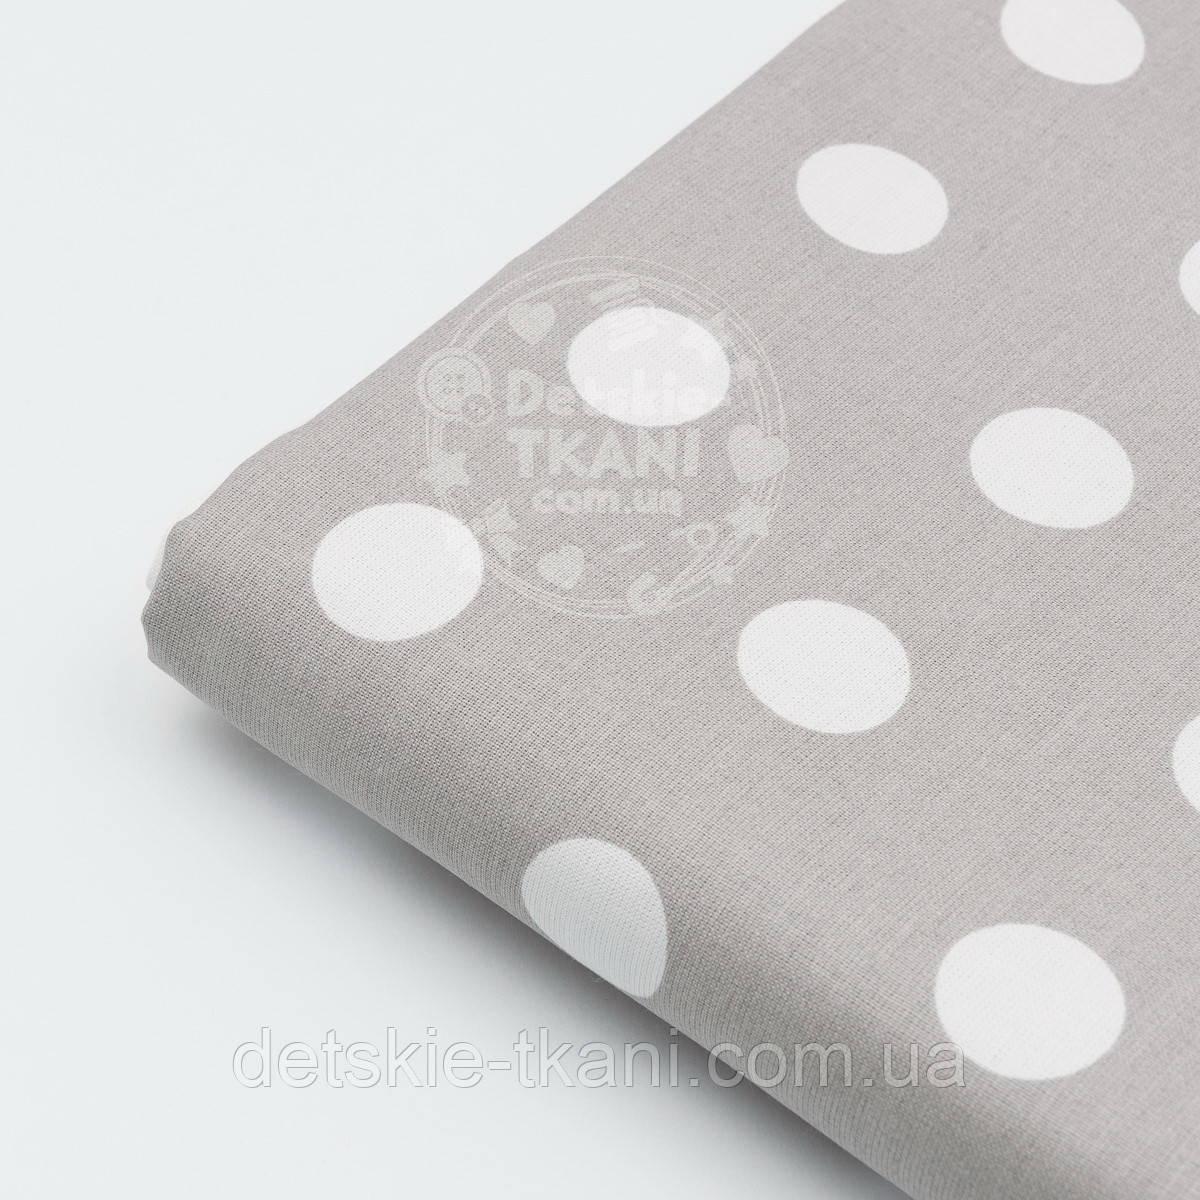 Лоскут ткани №25а  с белым горошком 22 мм на сером фоне